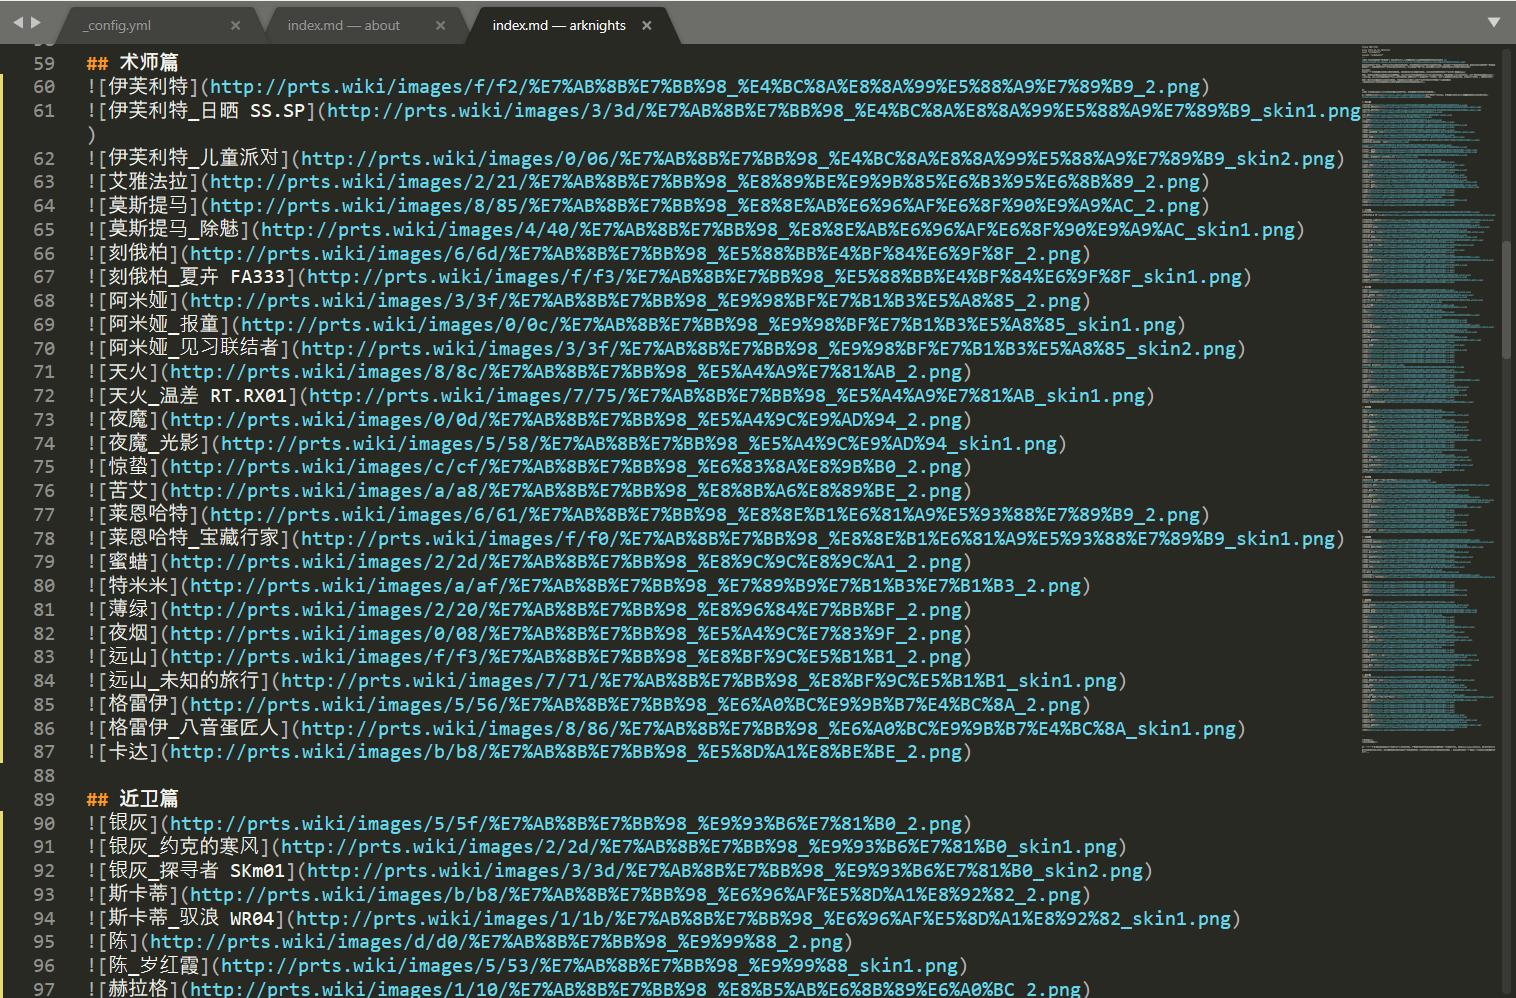 现在的代码(用的是PRTS的链接)